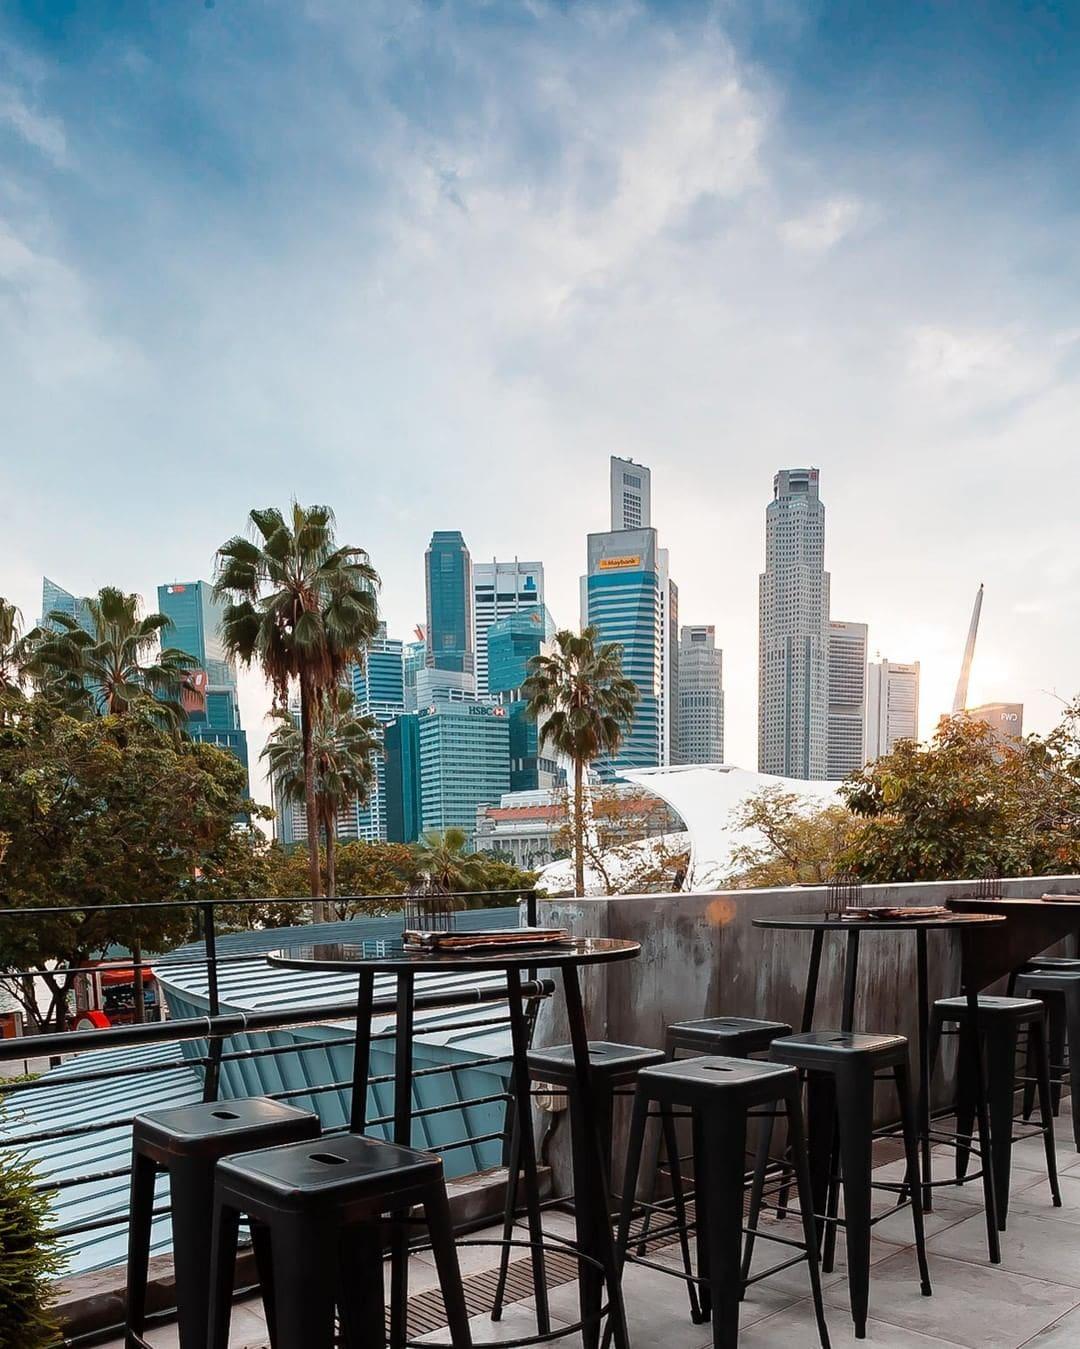 10 rooftop restaurants - Supply & demand